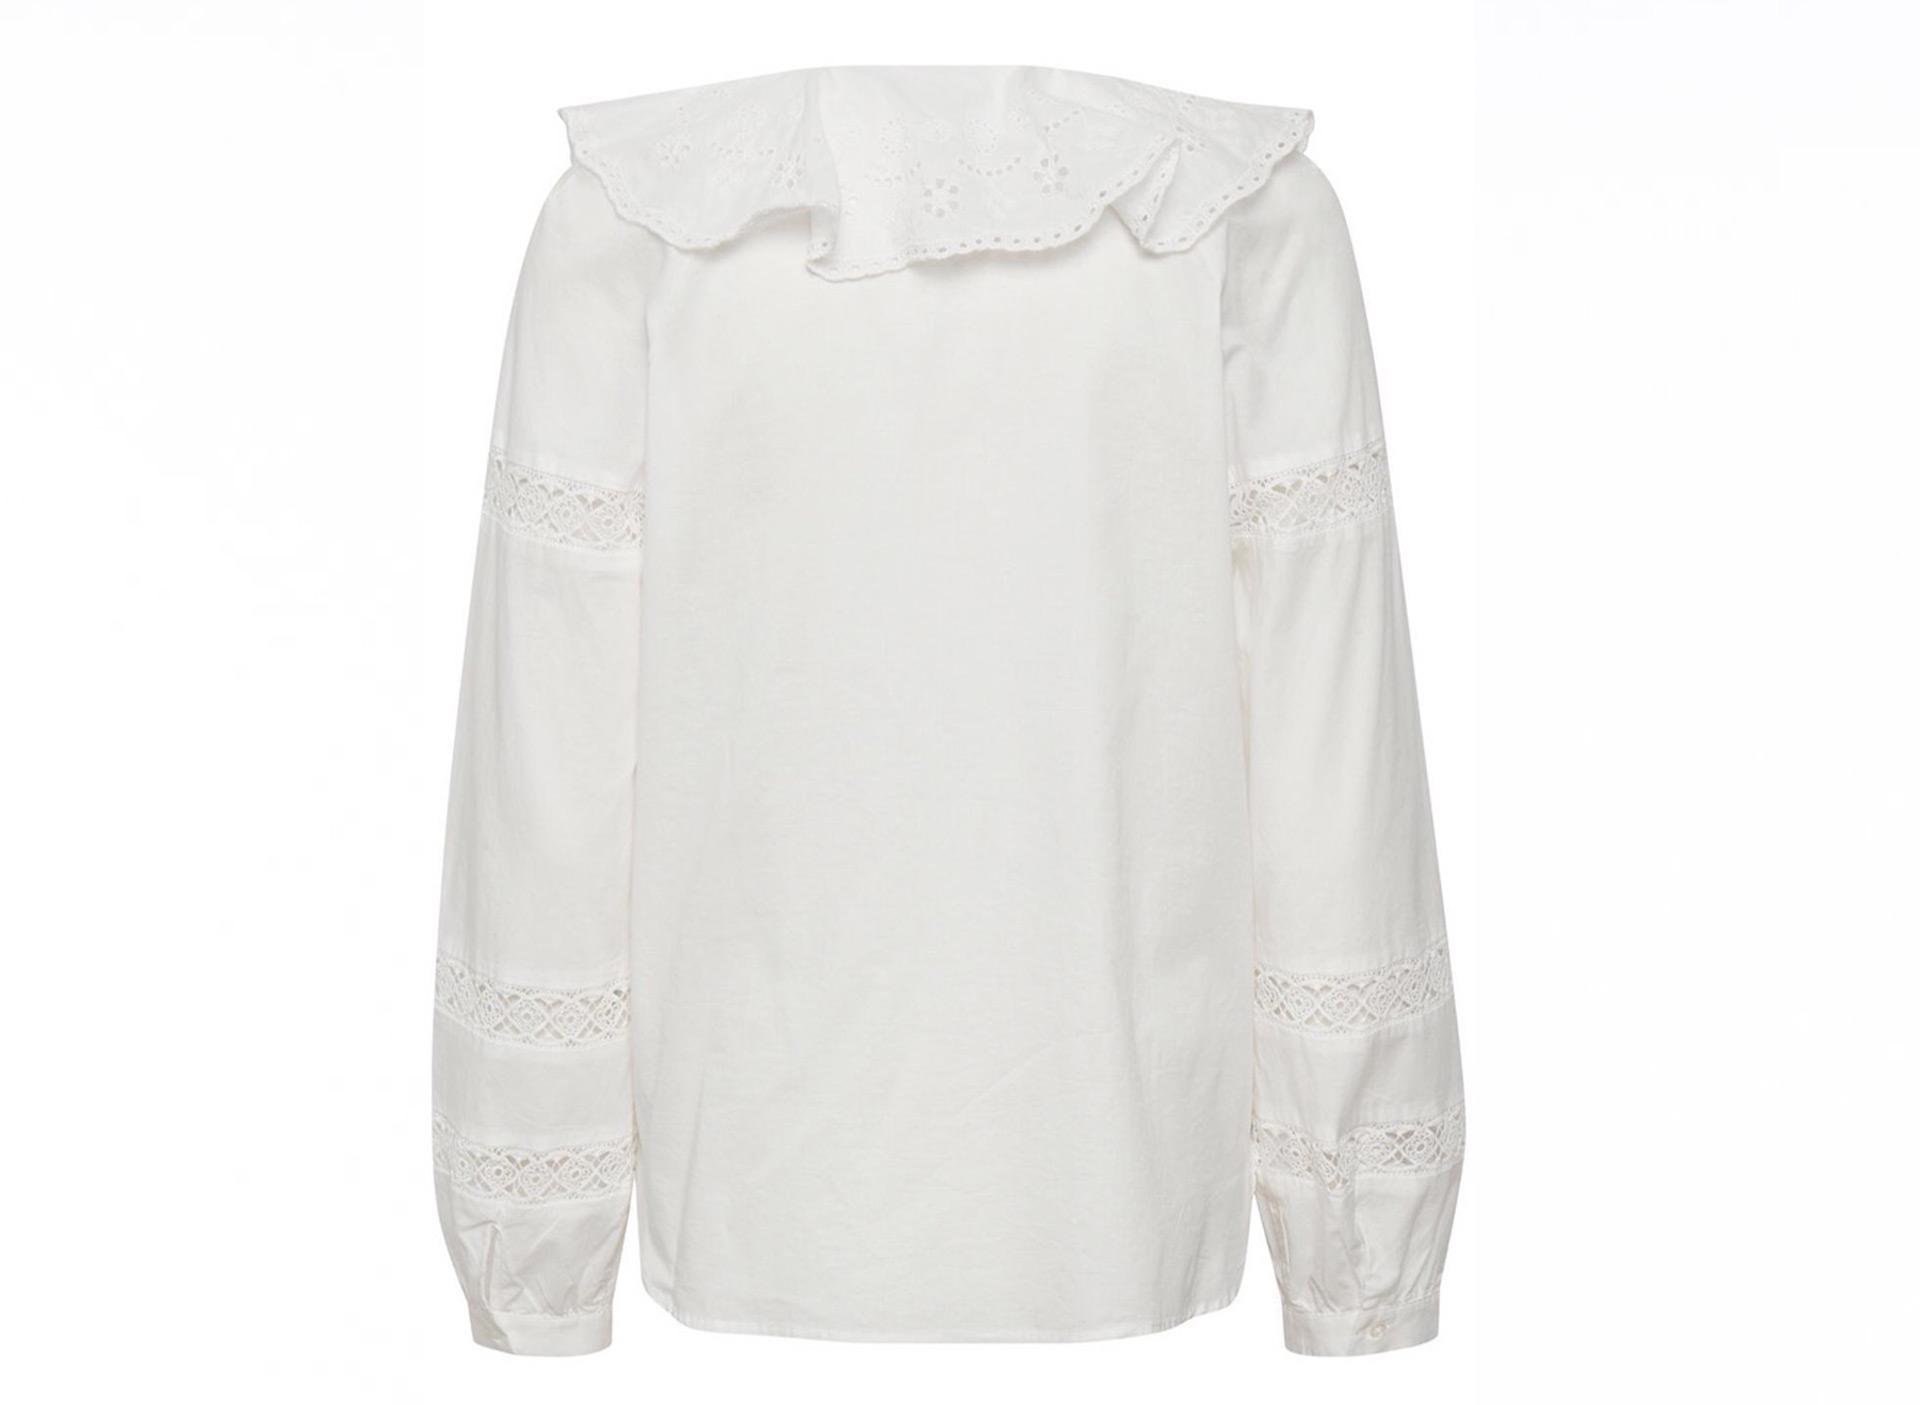 Bluse mit großem Kragen - weiß